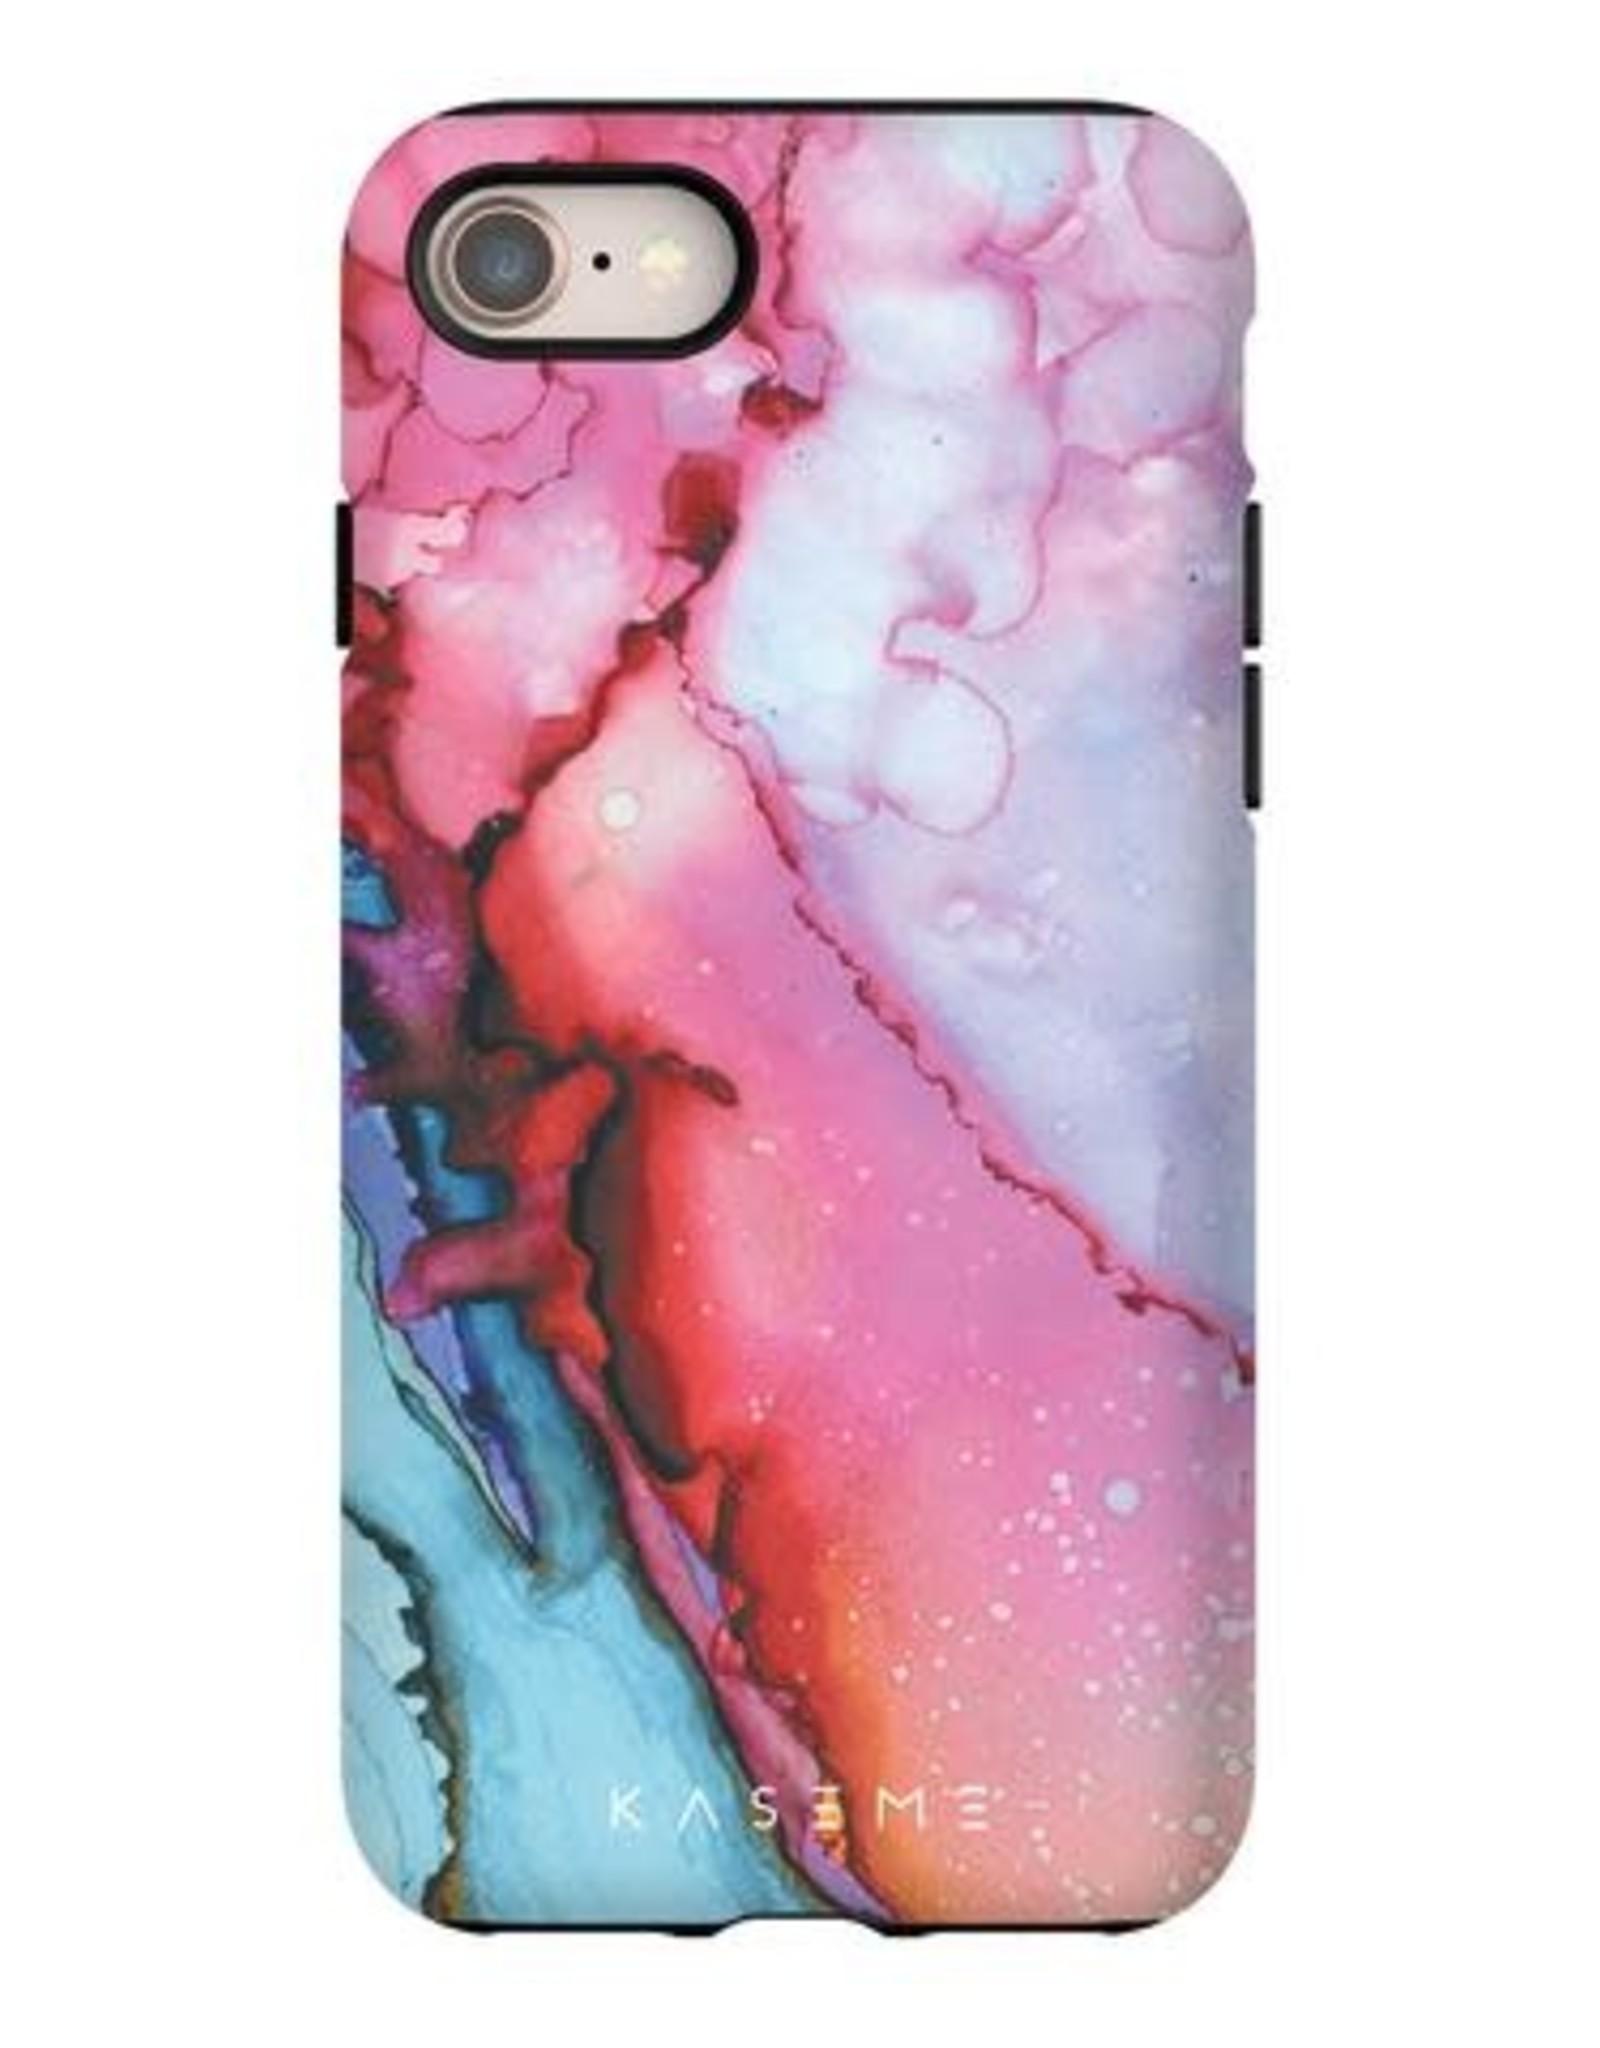 Kaseme Kaseme - étui cellulaire samsung galaxy iPhone pictrix